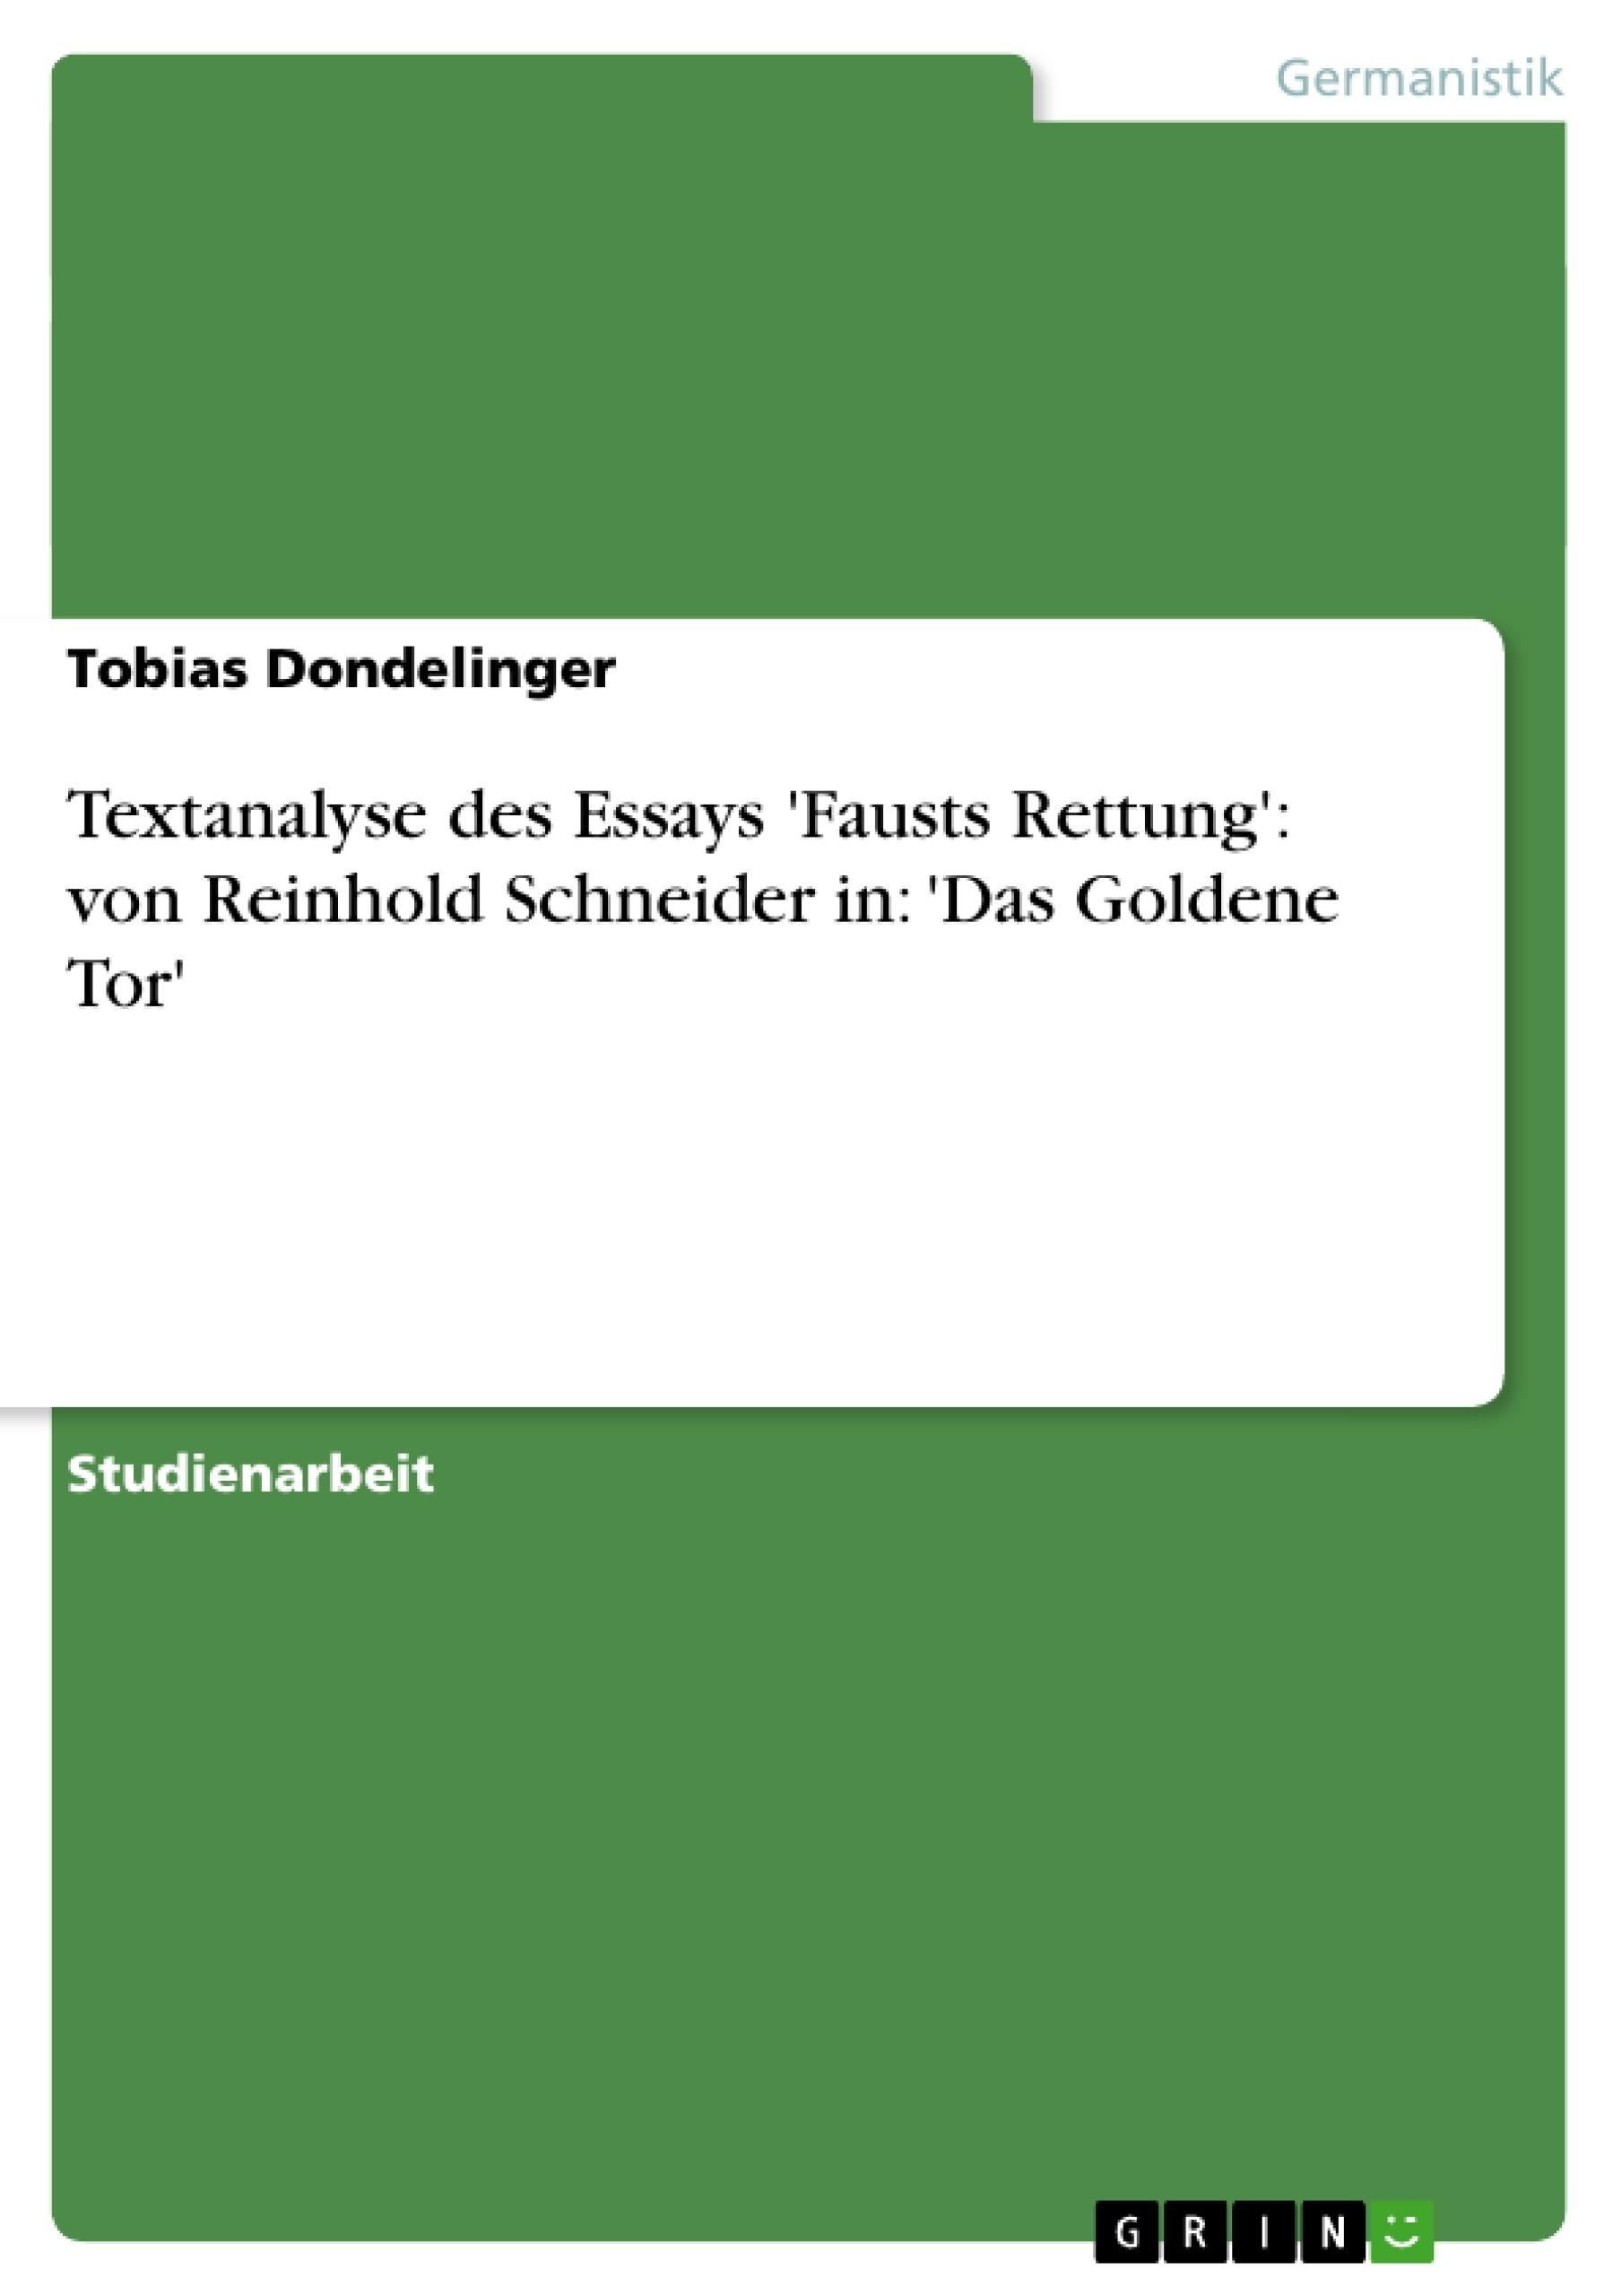 Titel: Textanalyse des Essays 'Fausts Rettung': von Reinhold Schneider in: 'Das Goldene Tor'